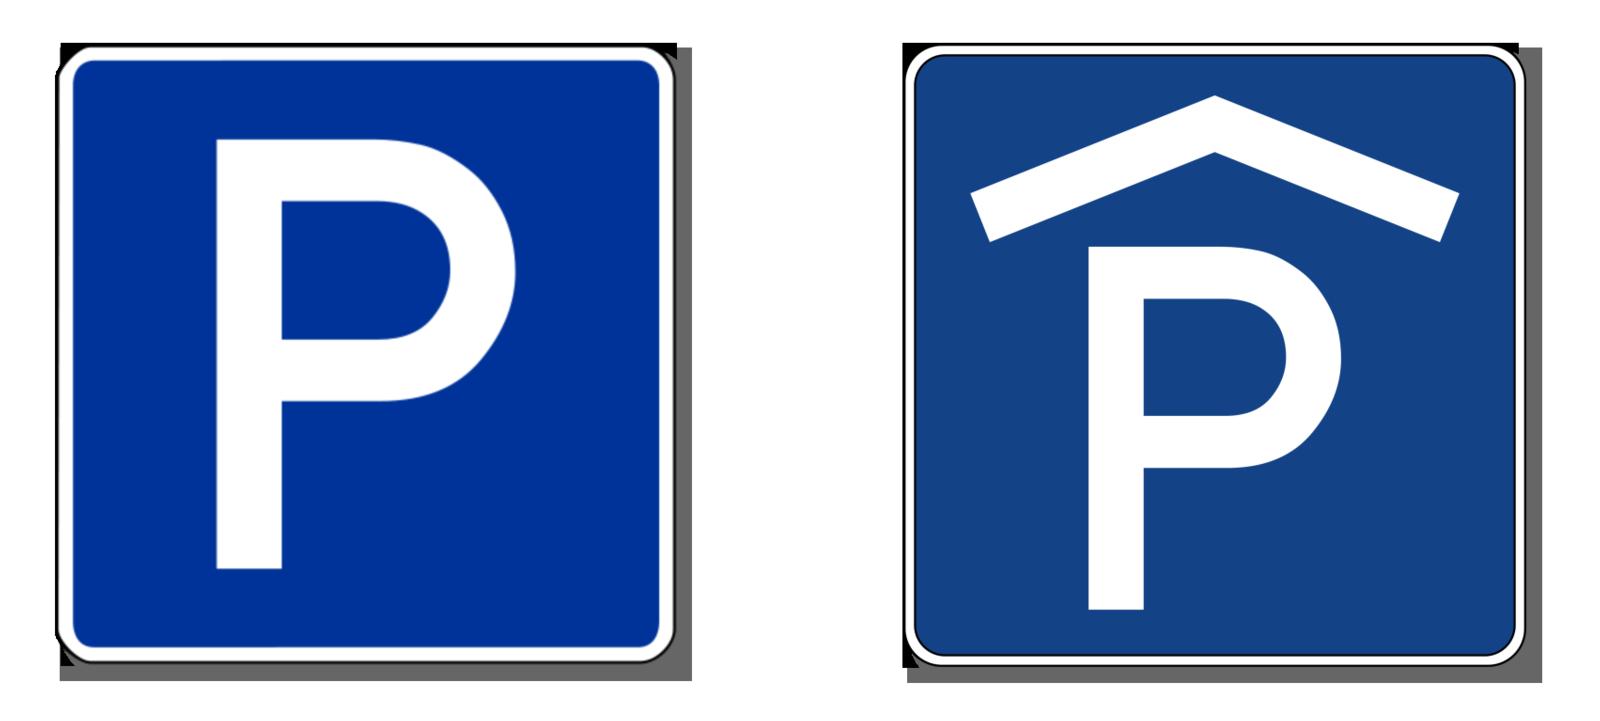 Moto Taiana öffentliche Parkmöglichkeiten